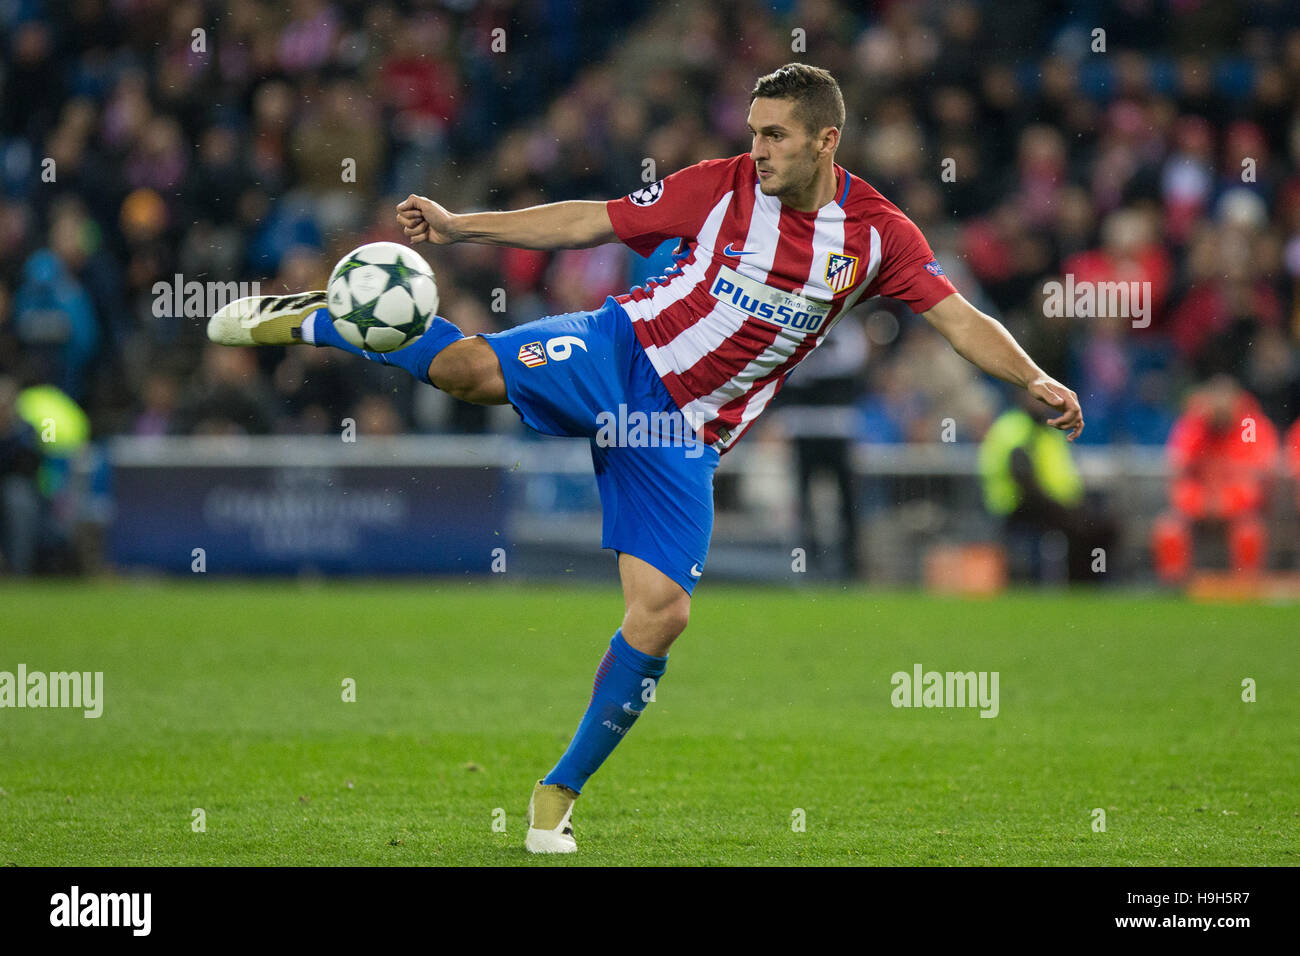 El centrocampista español del Atlético de Madrid Koke durante el partido de Liga de Campeones de la UEFA Imagen De Stock